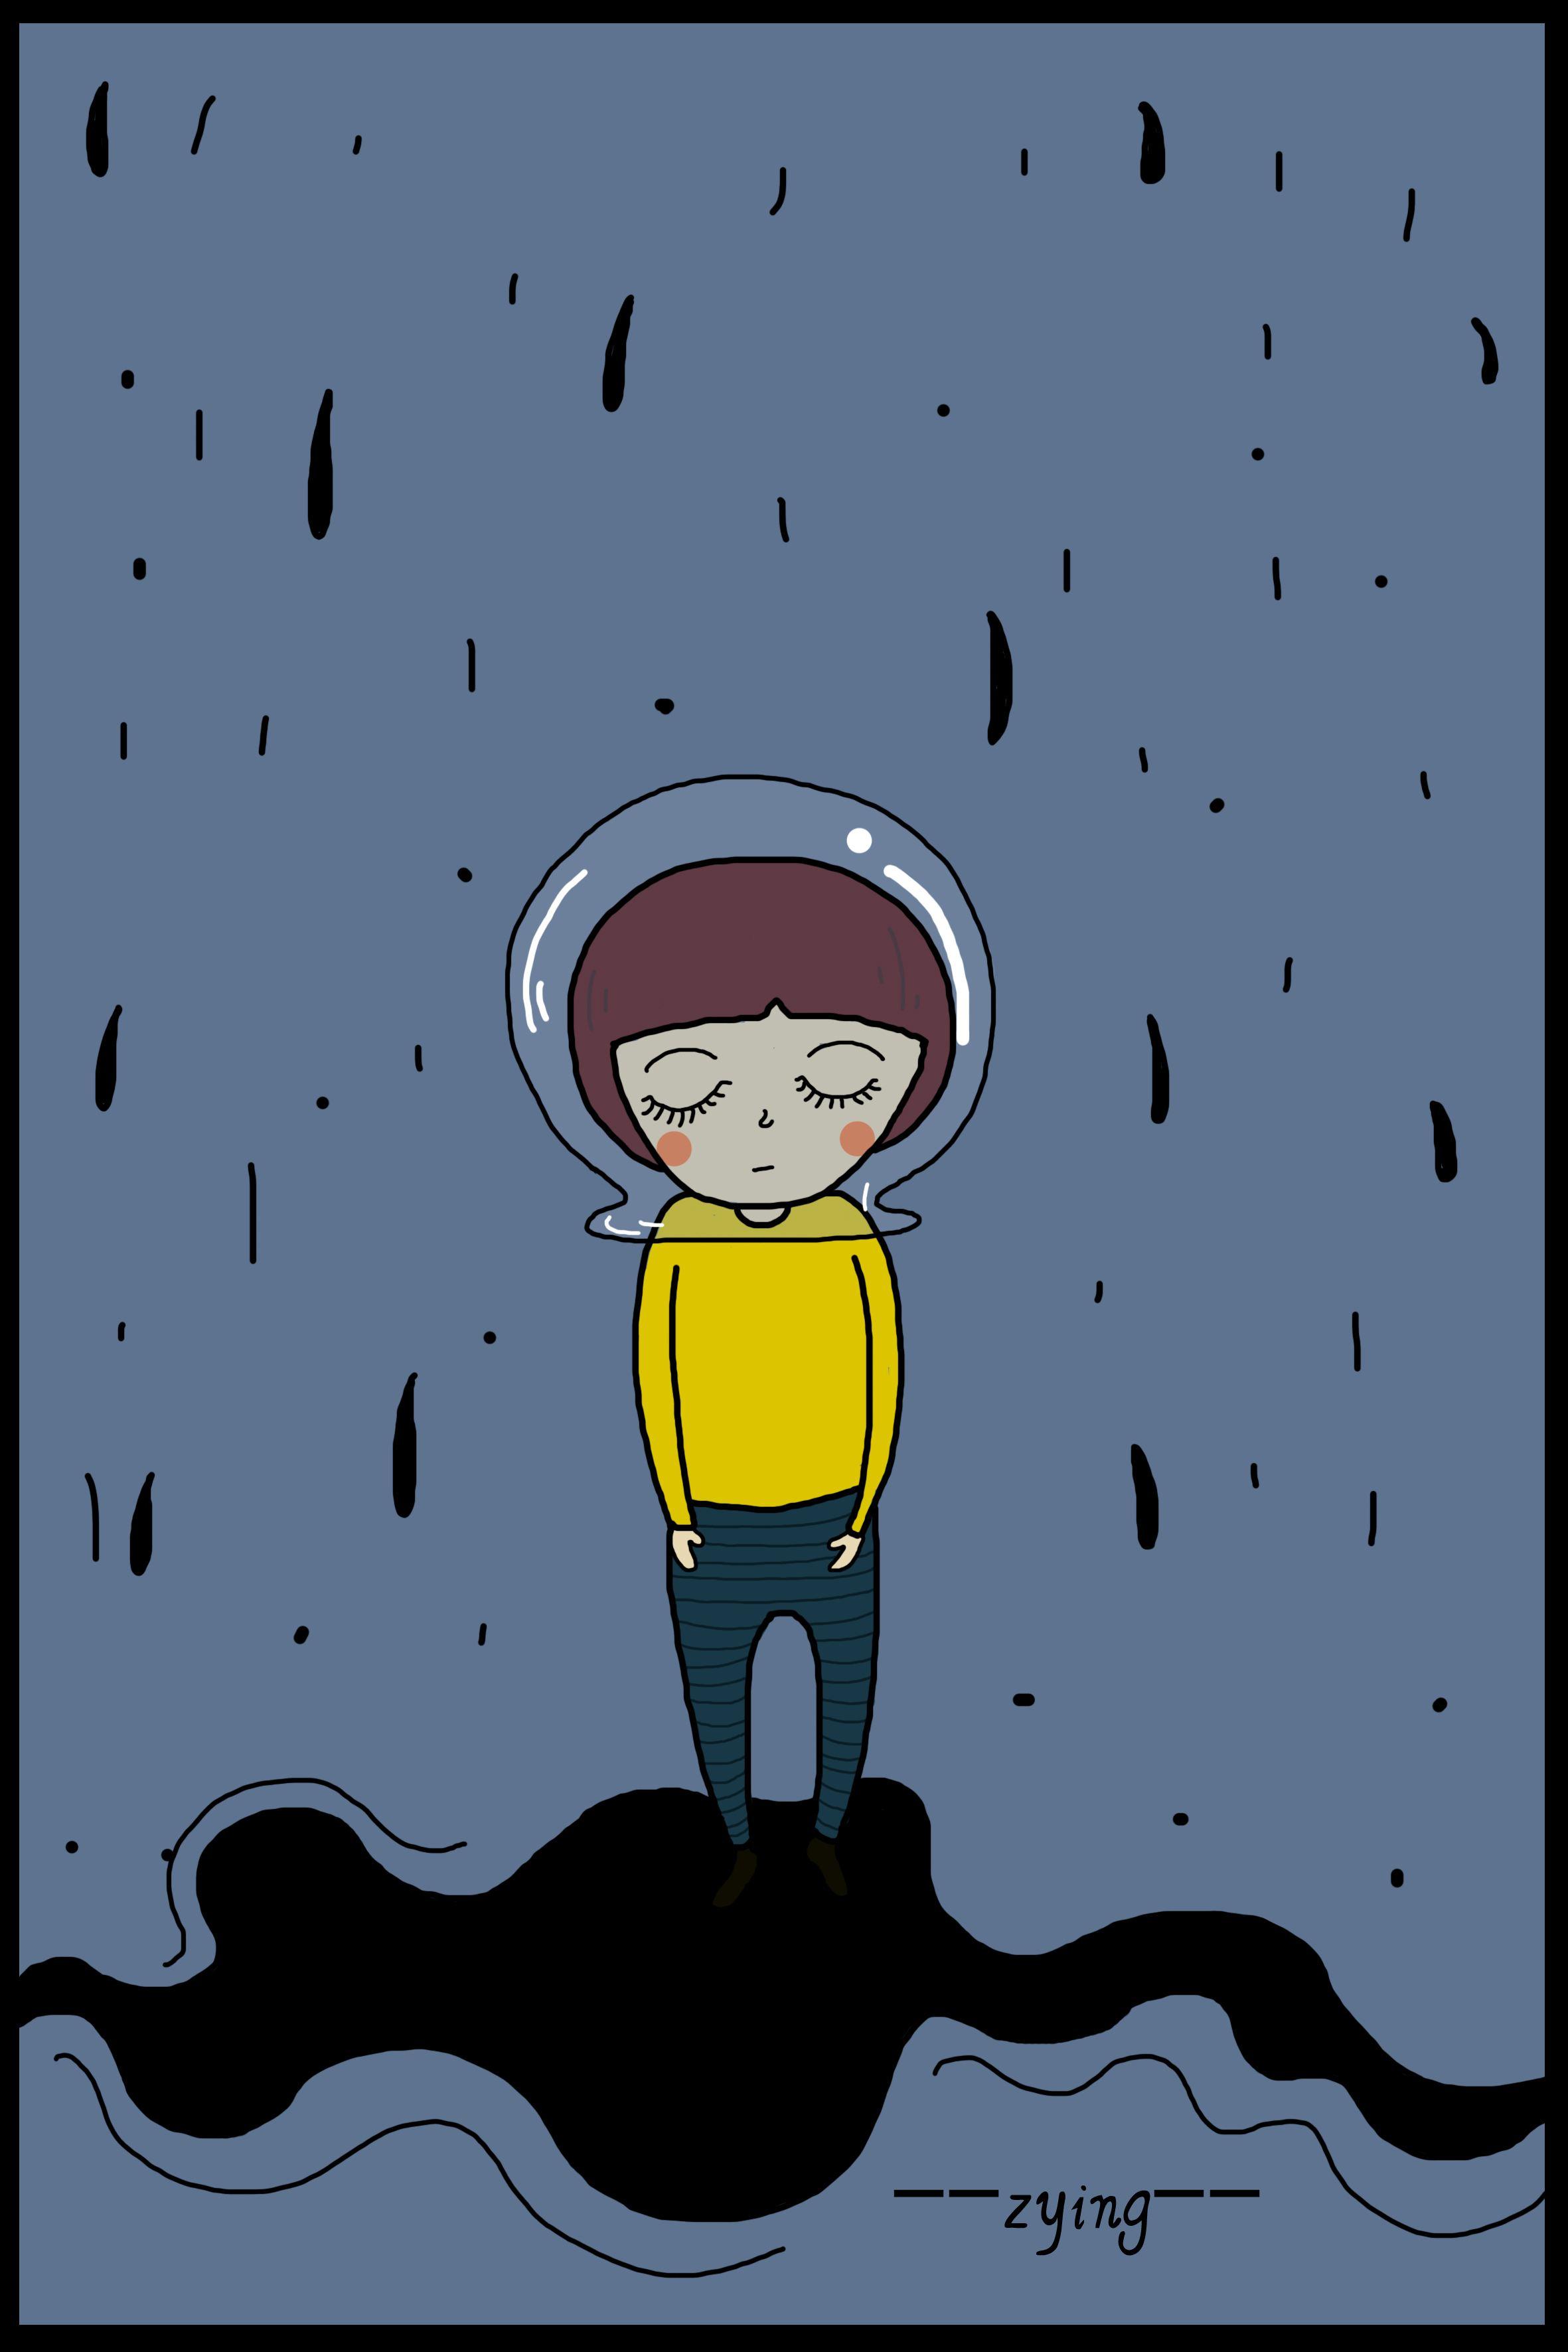 雨再大又怎样,我有了你——除湿机